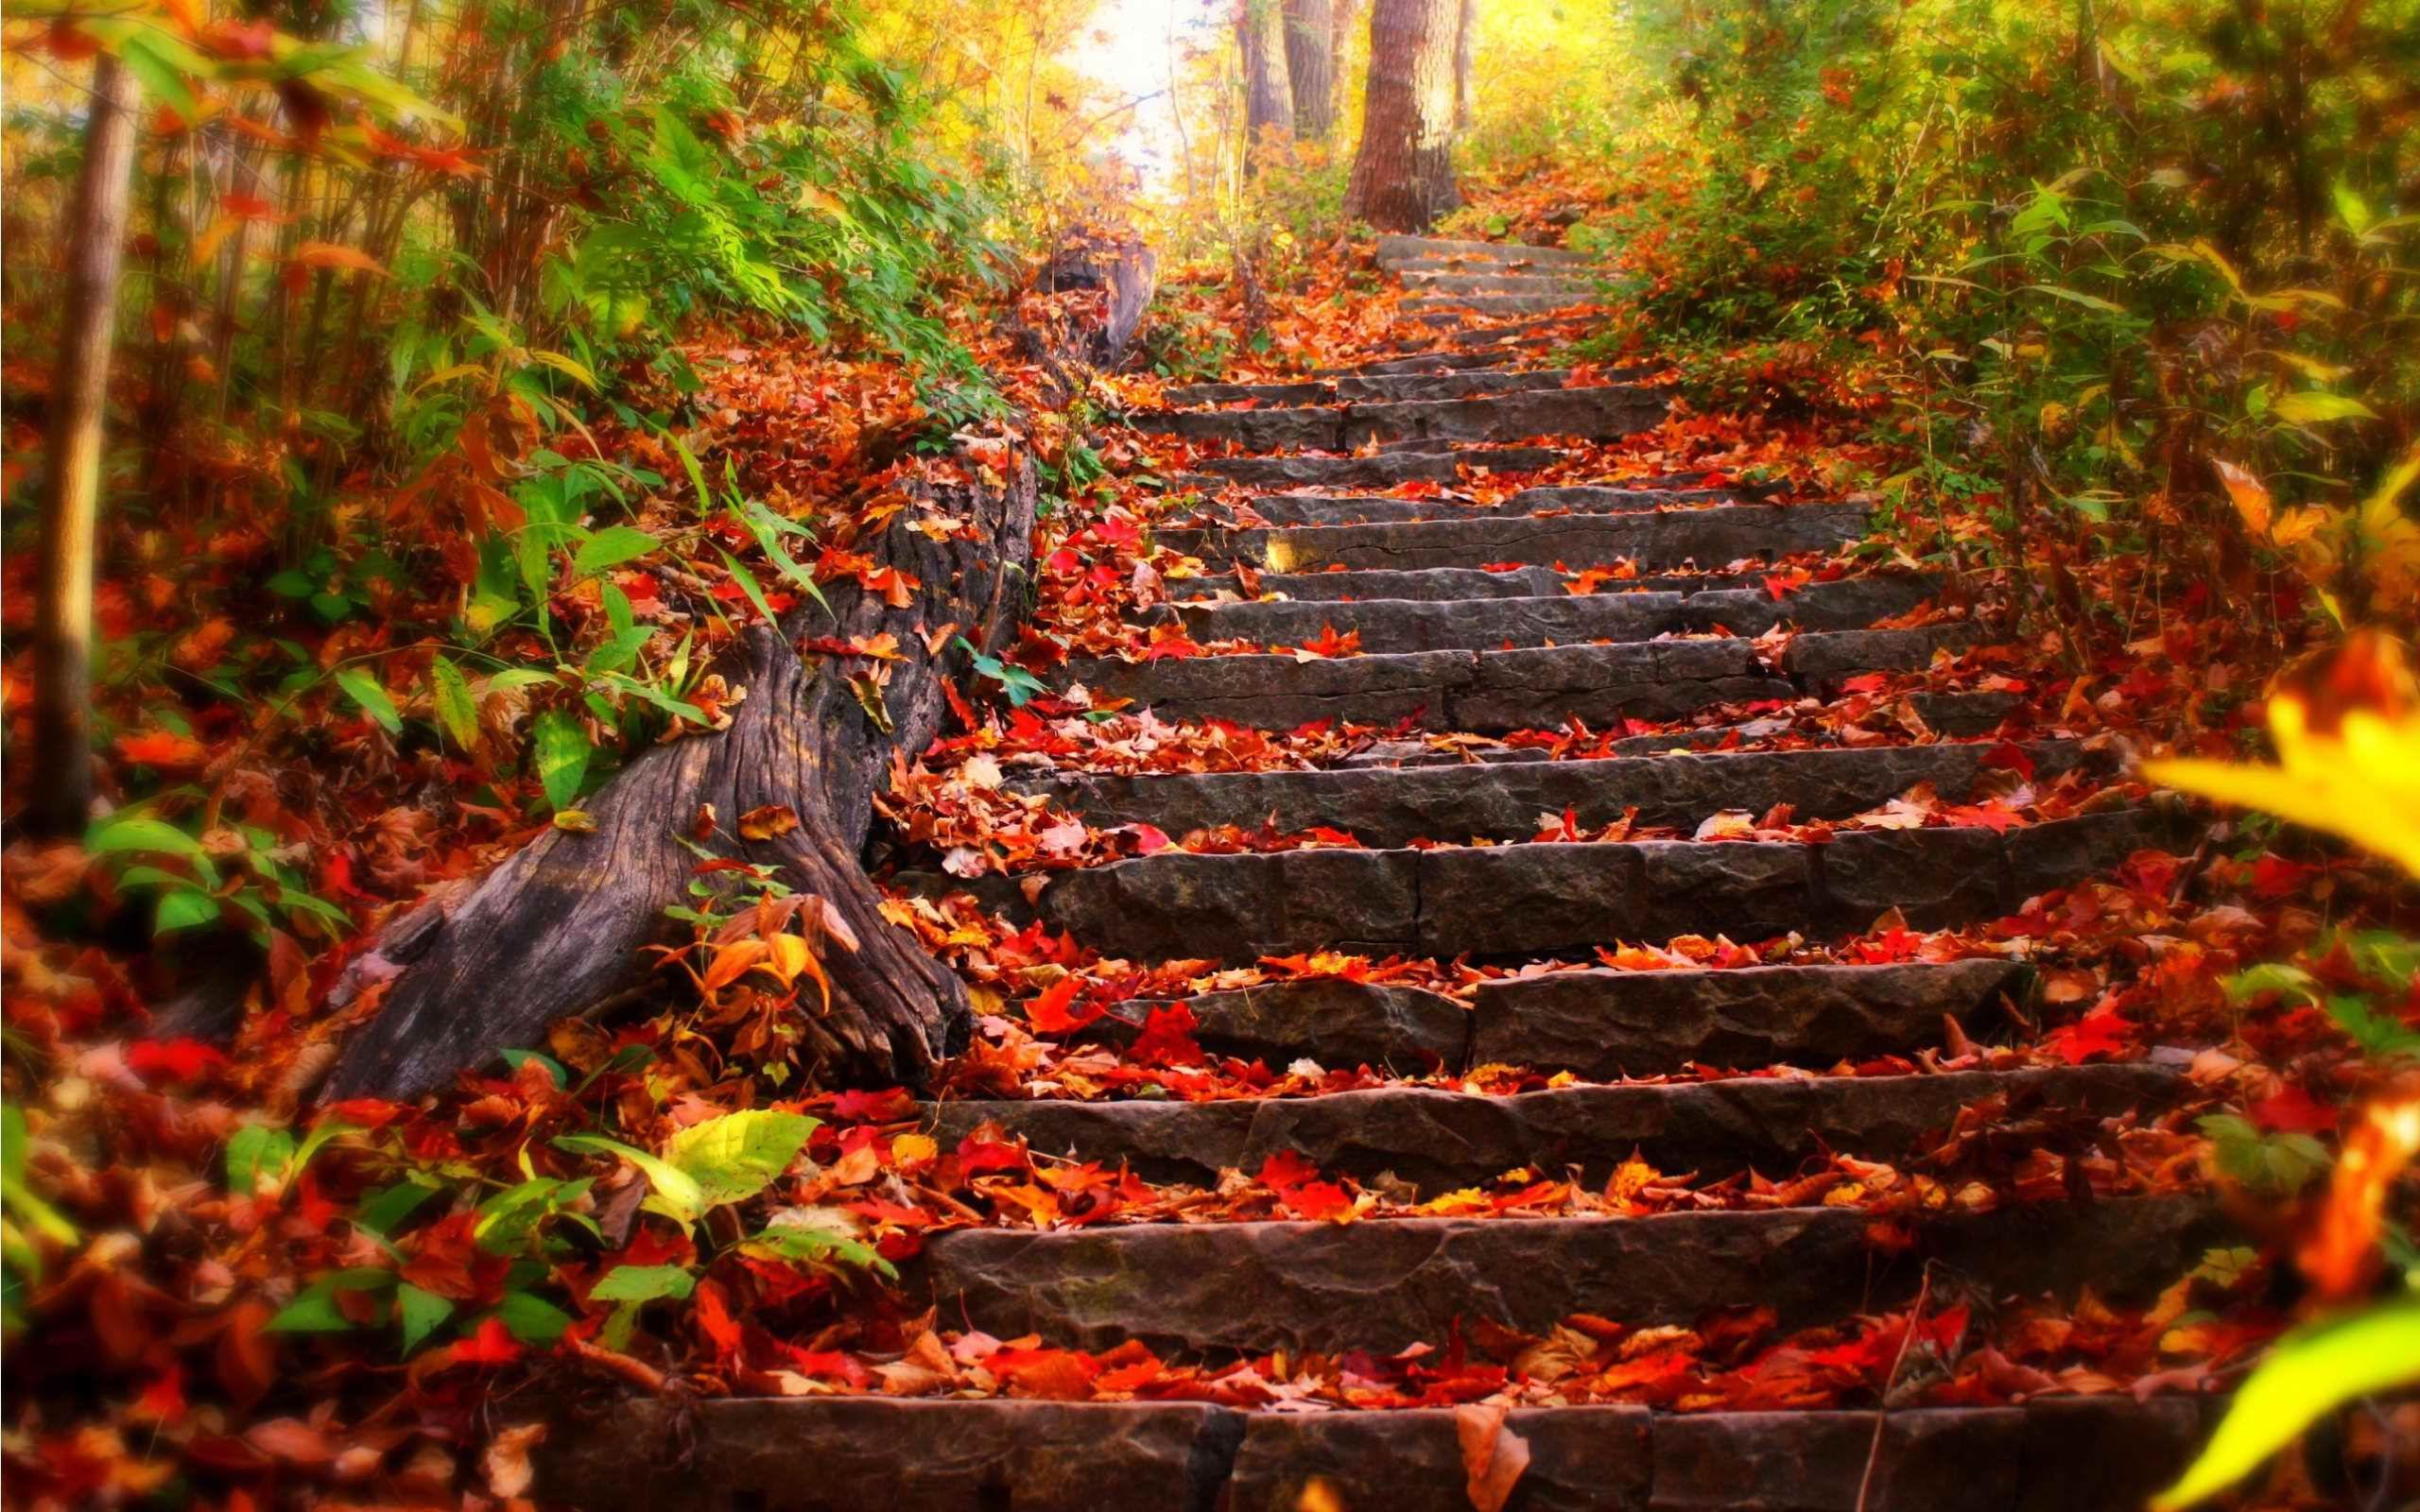 Fonds ecran automne feuilles mortes 1 sur imagesia for Architecture qui se fond dans le paysage